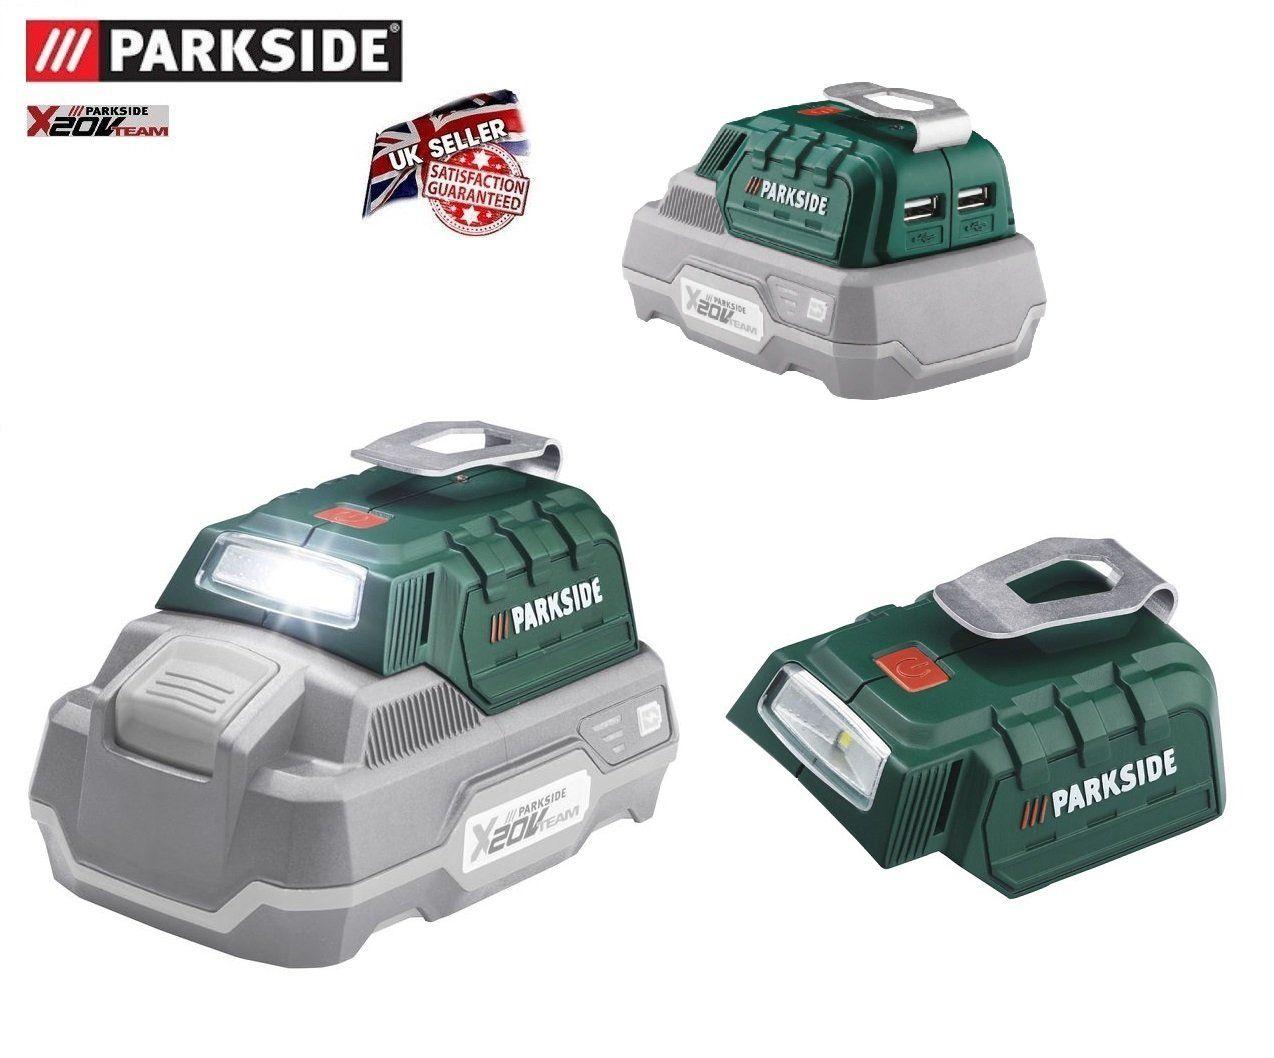 Parkside 20 V Kabellos Akku Adapter 2 X Usb Anschlusse Und Led Beleuchtung Parkside X 20 V Team Amazon De Baumarkt Led Beleuchtung Usb Led